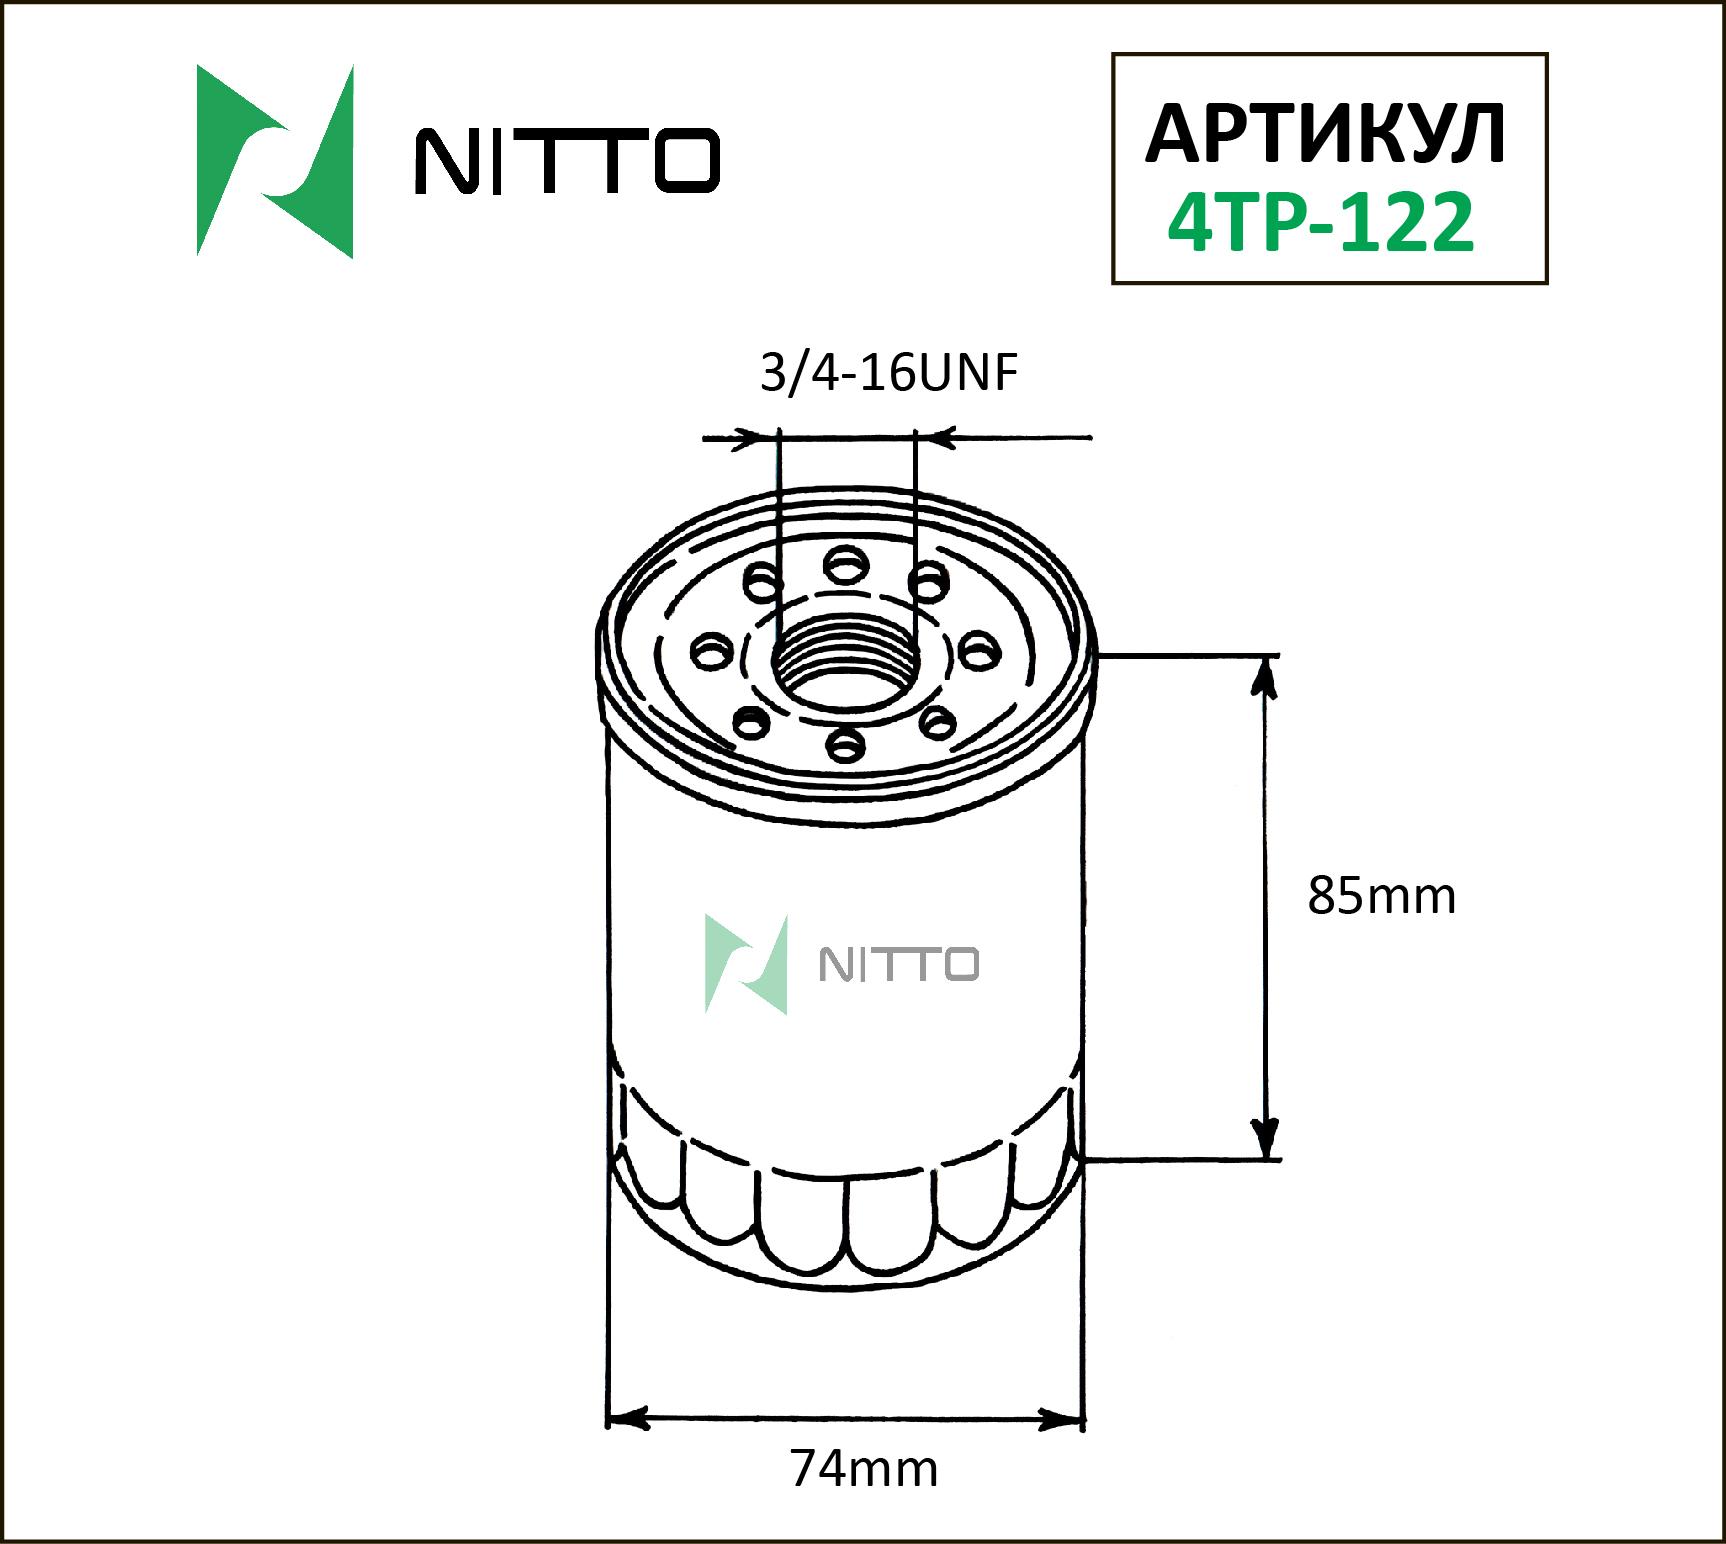 NITTO 4TP122 | Фильтр масляный Nitto | Купить в интернет-магазине Макс-Плюс: Автозапчасти в наличии и под заказ